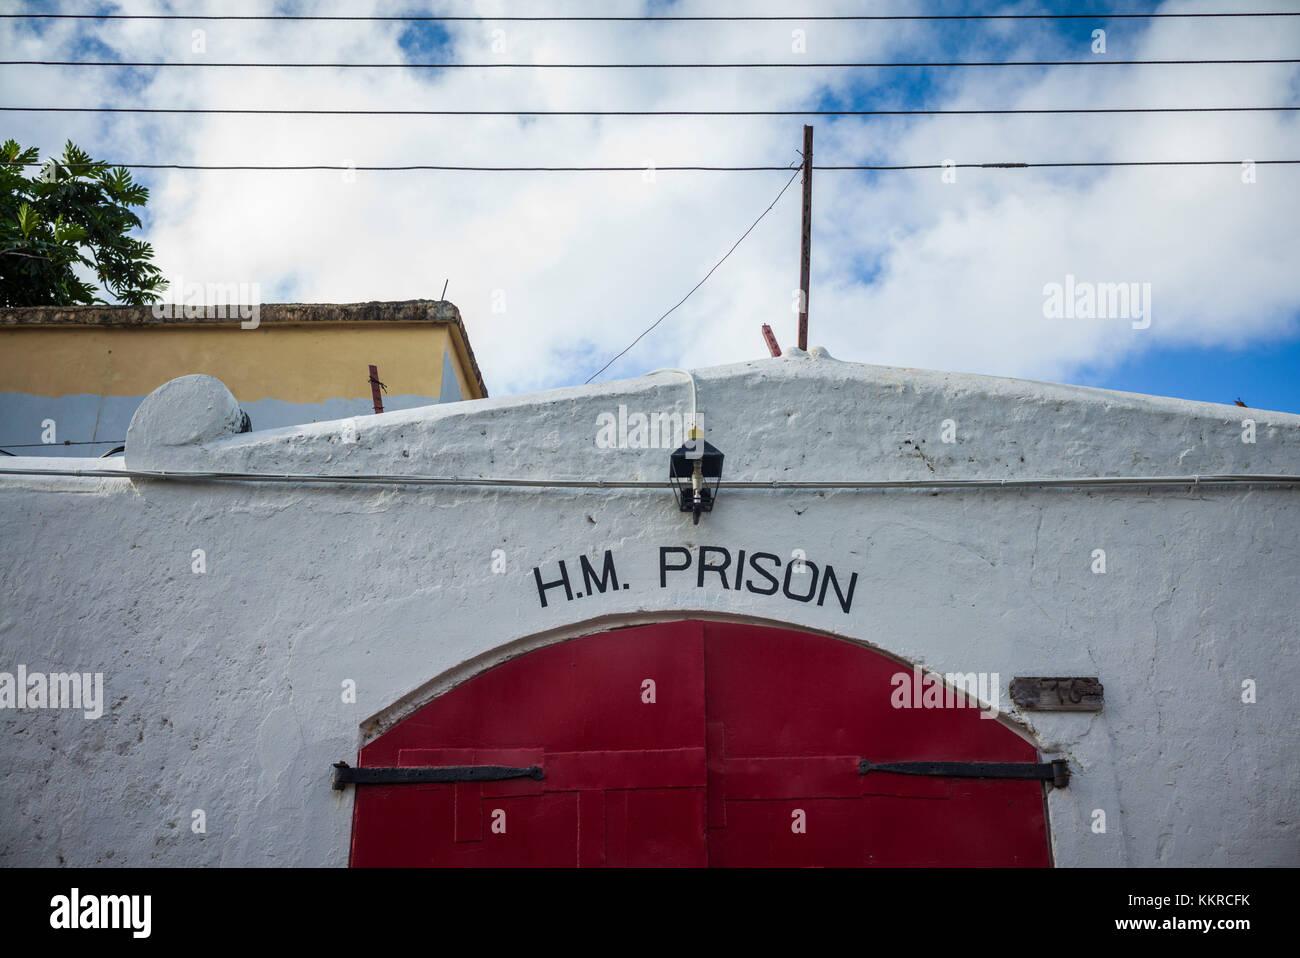 British Virgin Islands Prison